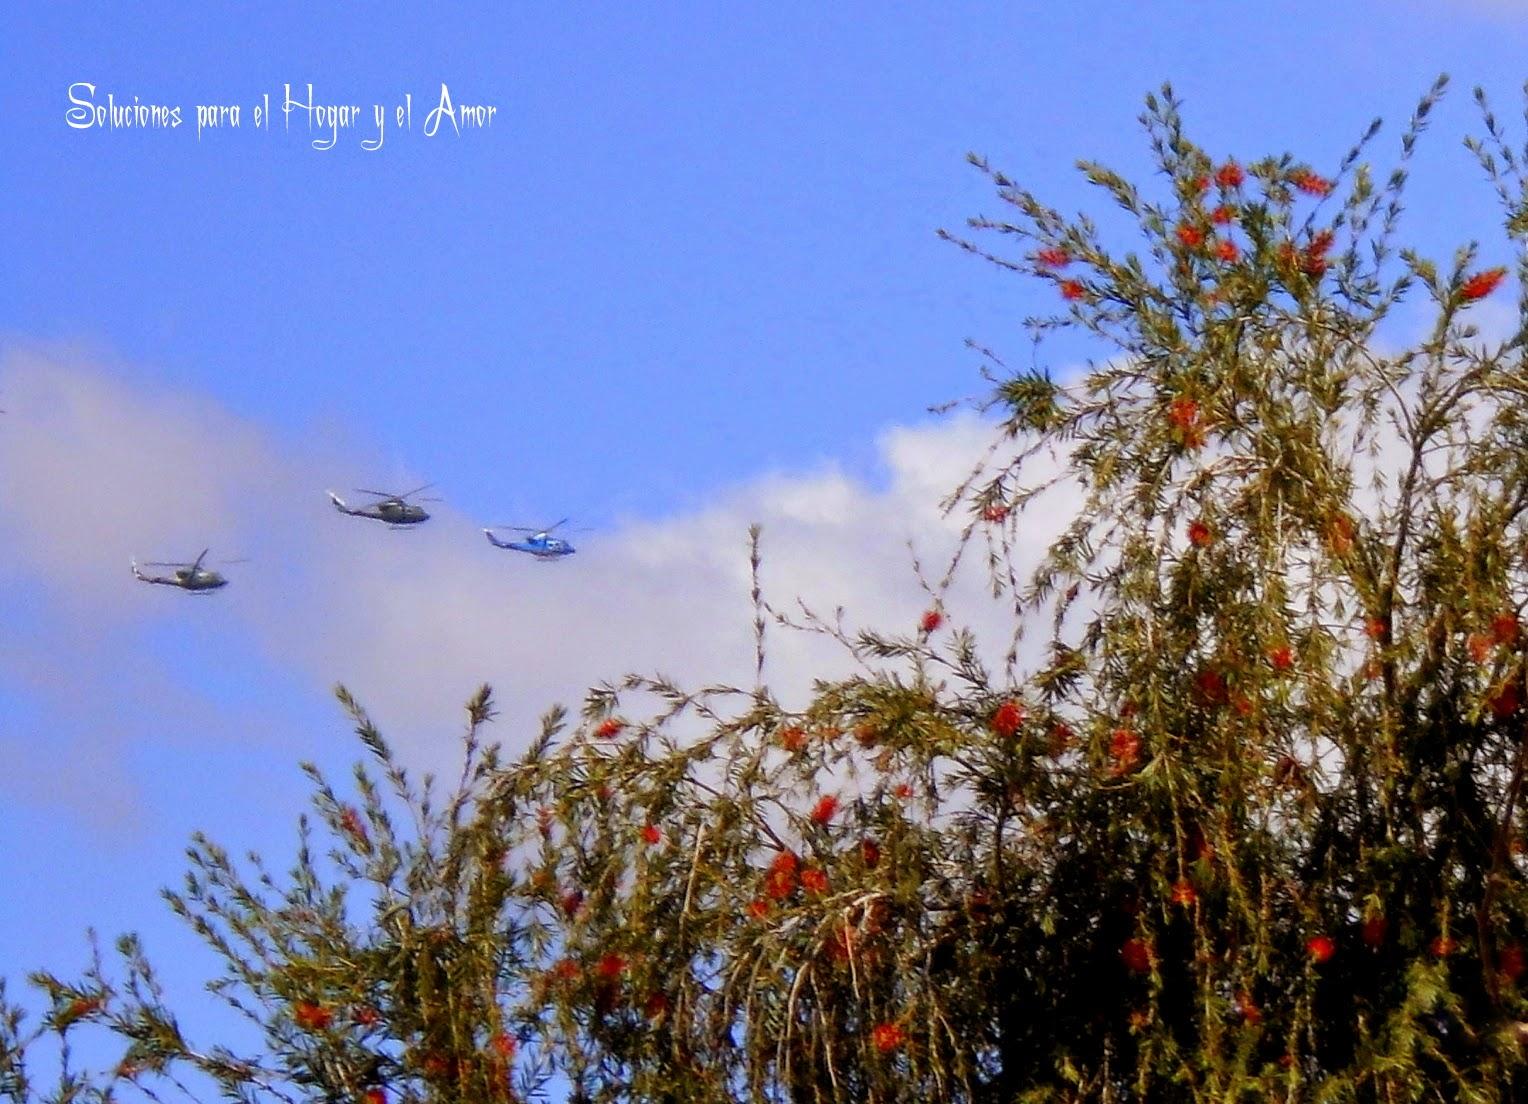 Helicópteros volando en el cielo,